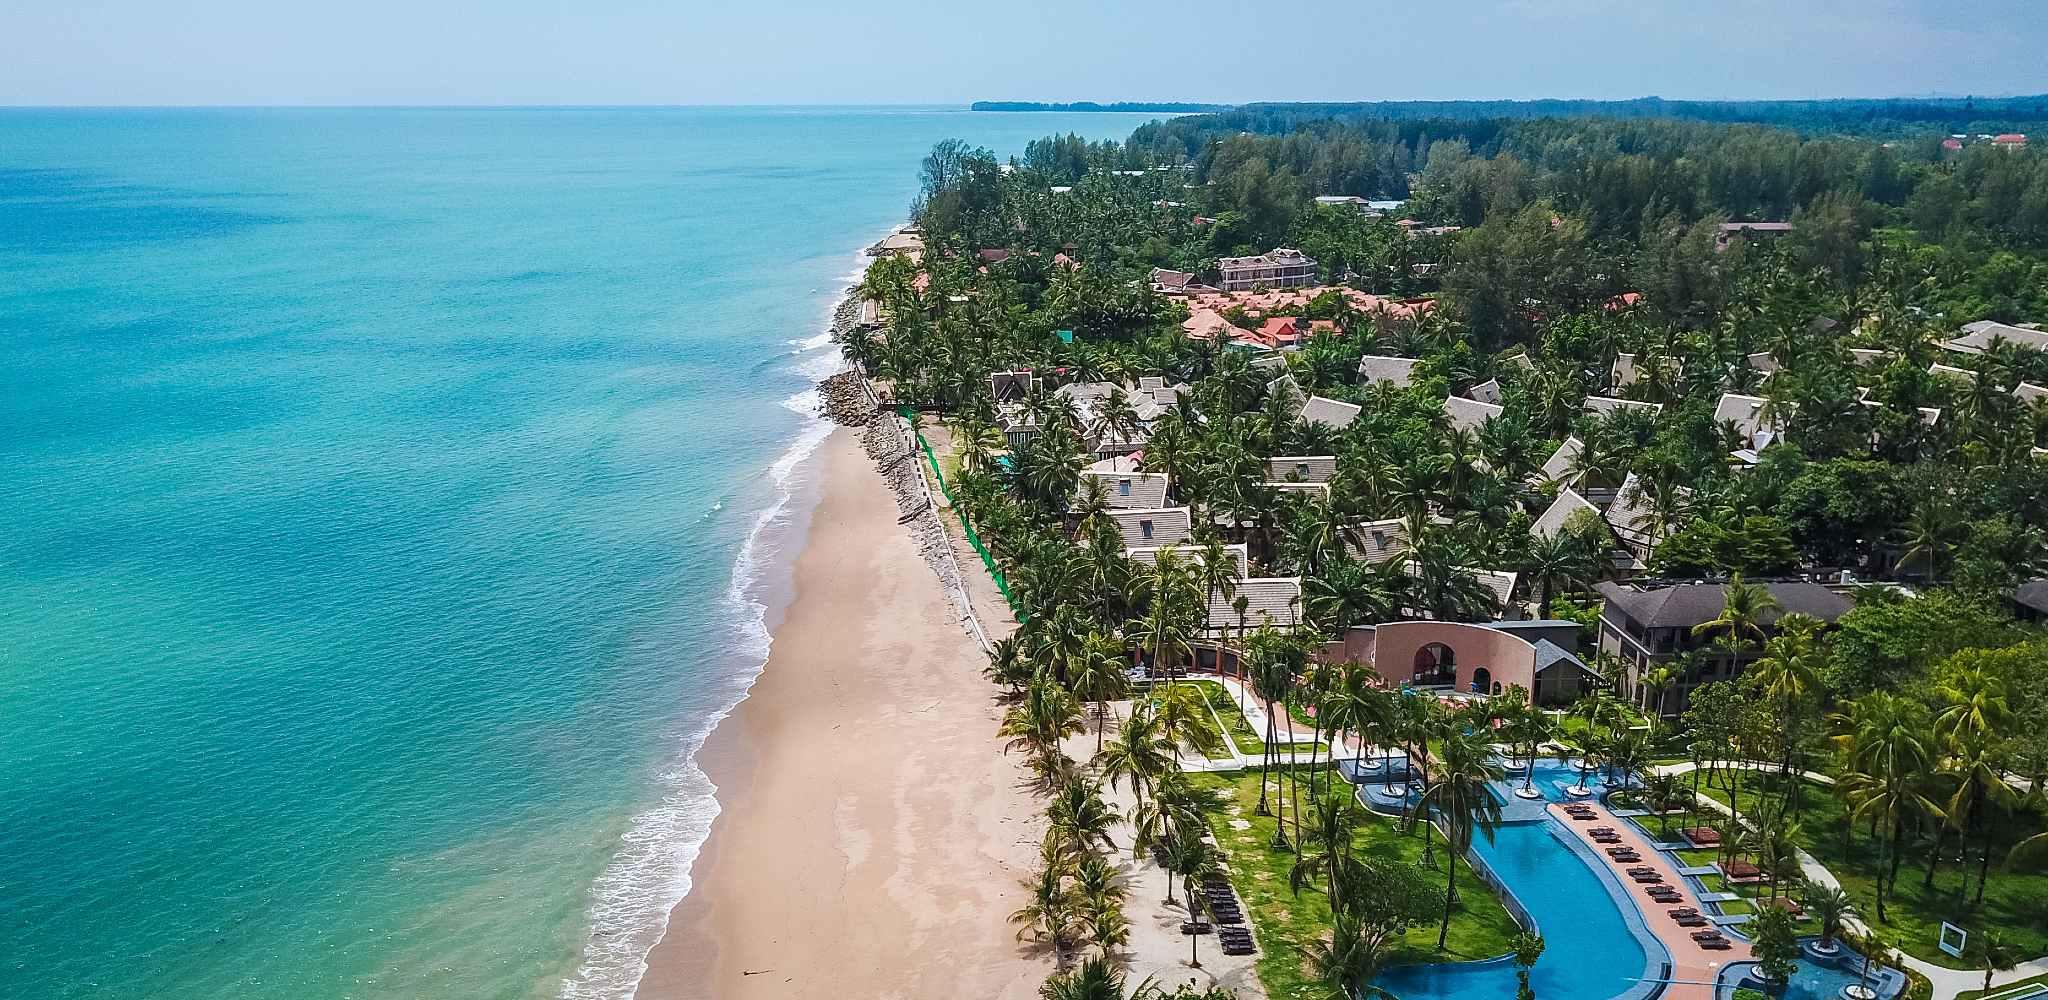 Bang Niang Beach from the air